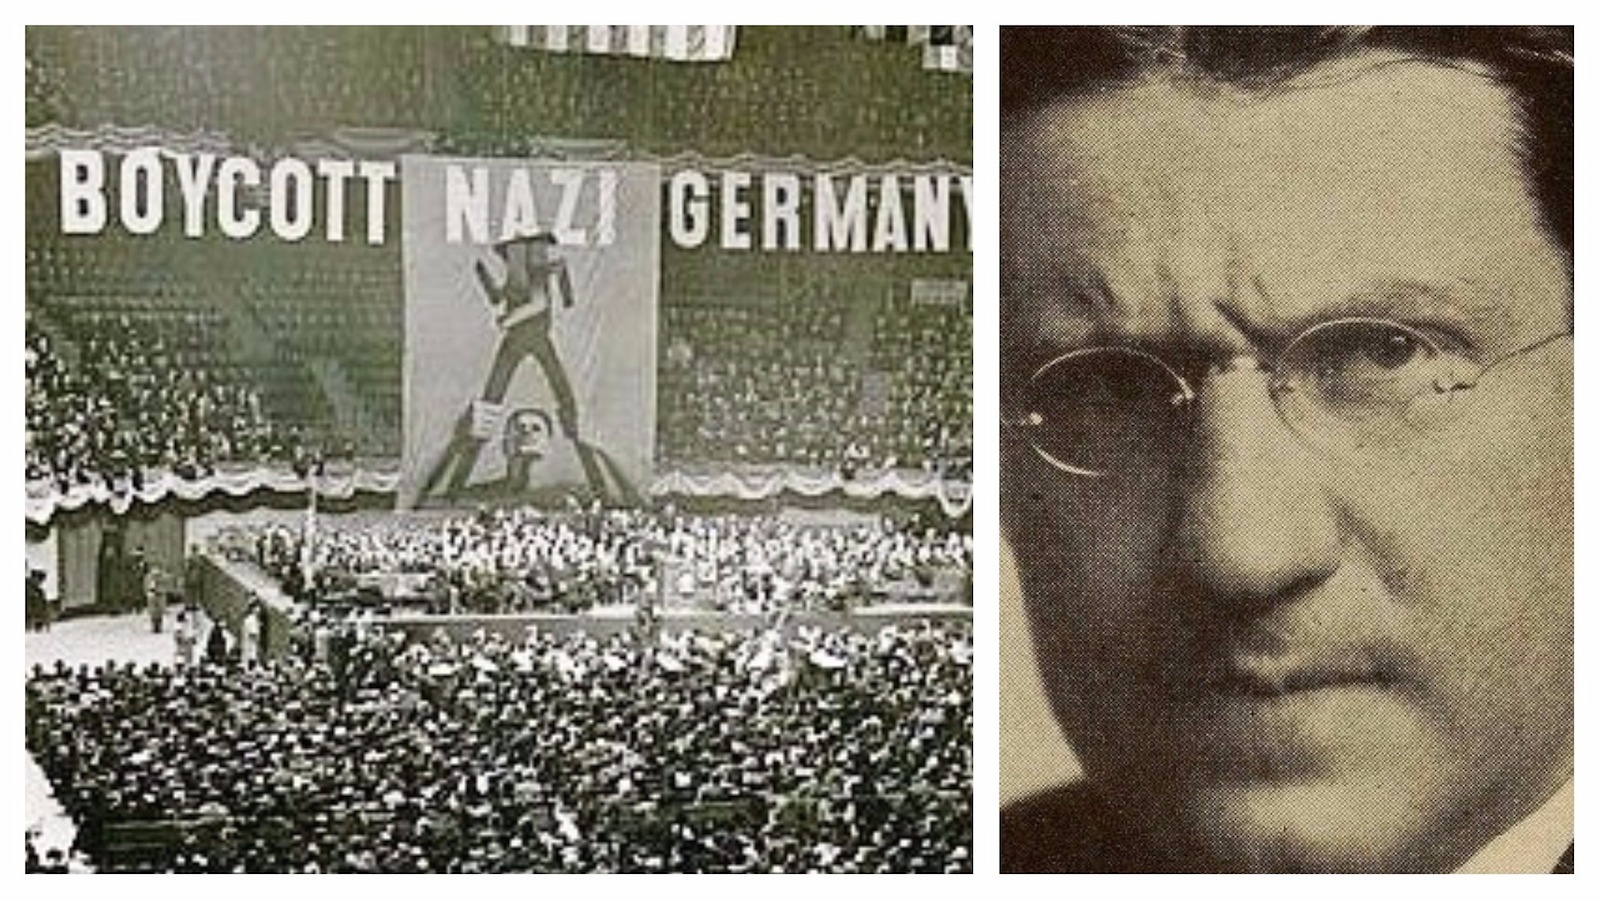 The Anti-Nazi Boycott of 1933 | My Jewish Learning